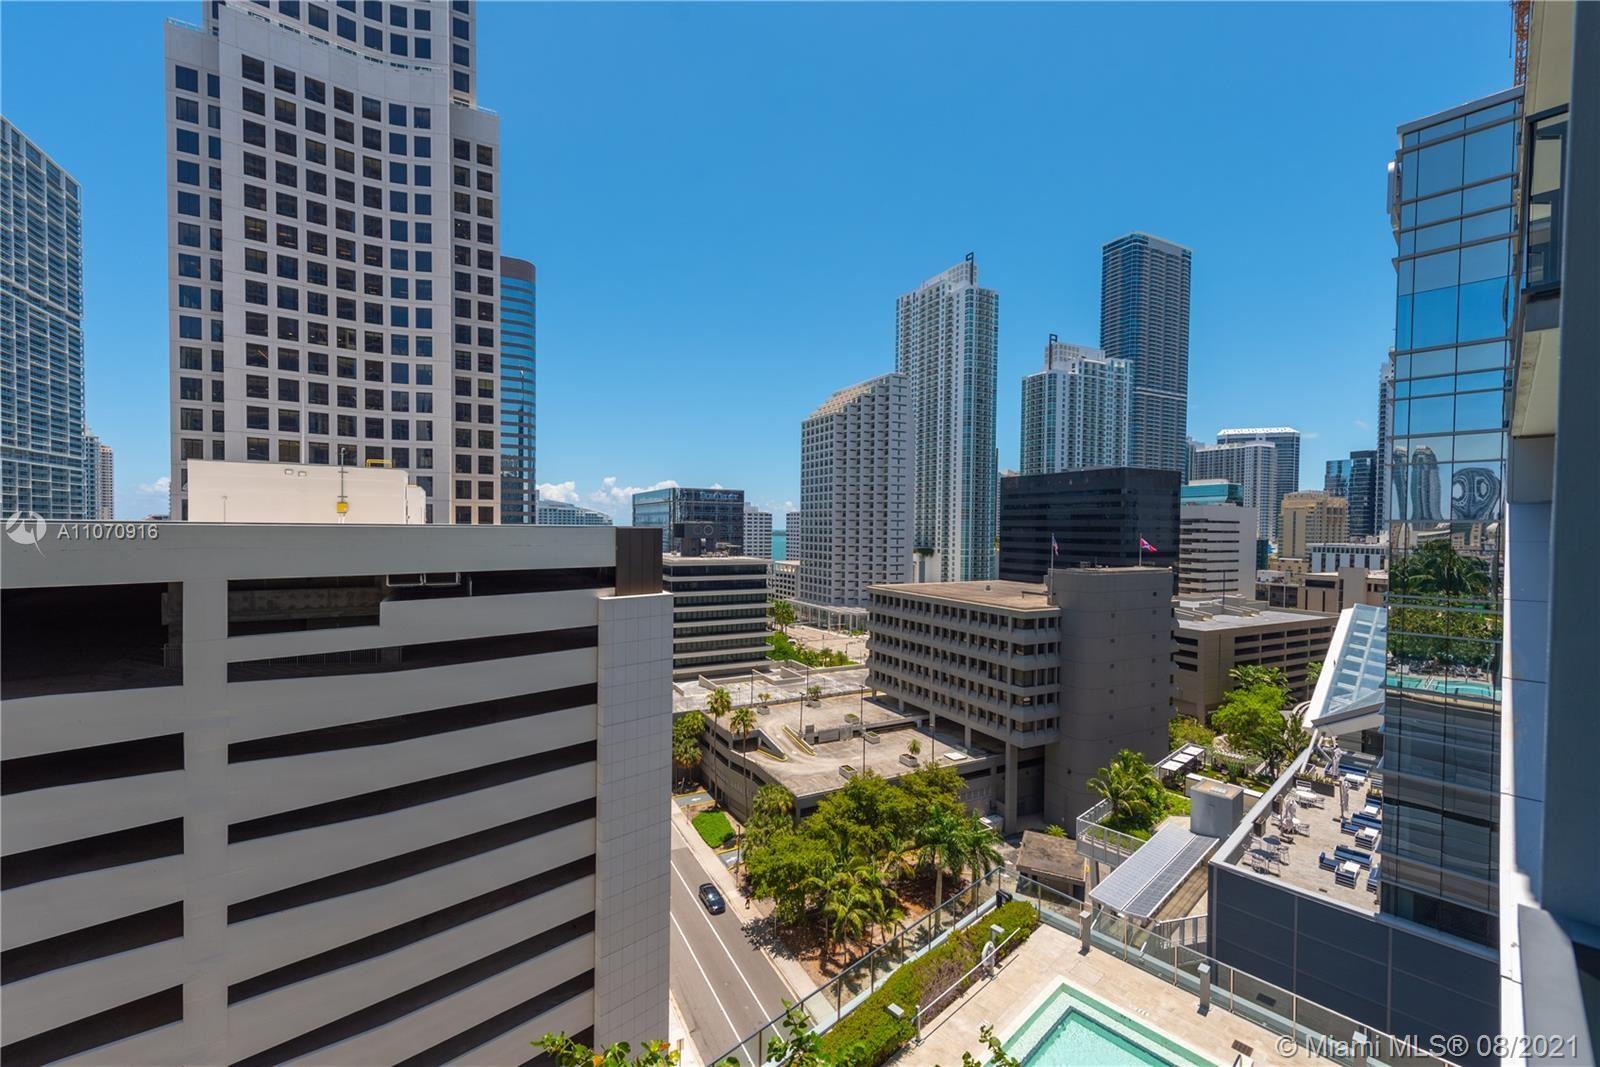 68 SE 6th St #903, Miami, FL 33131 - #: A11070916